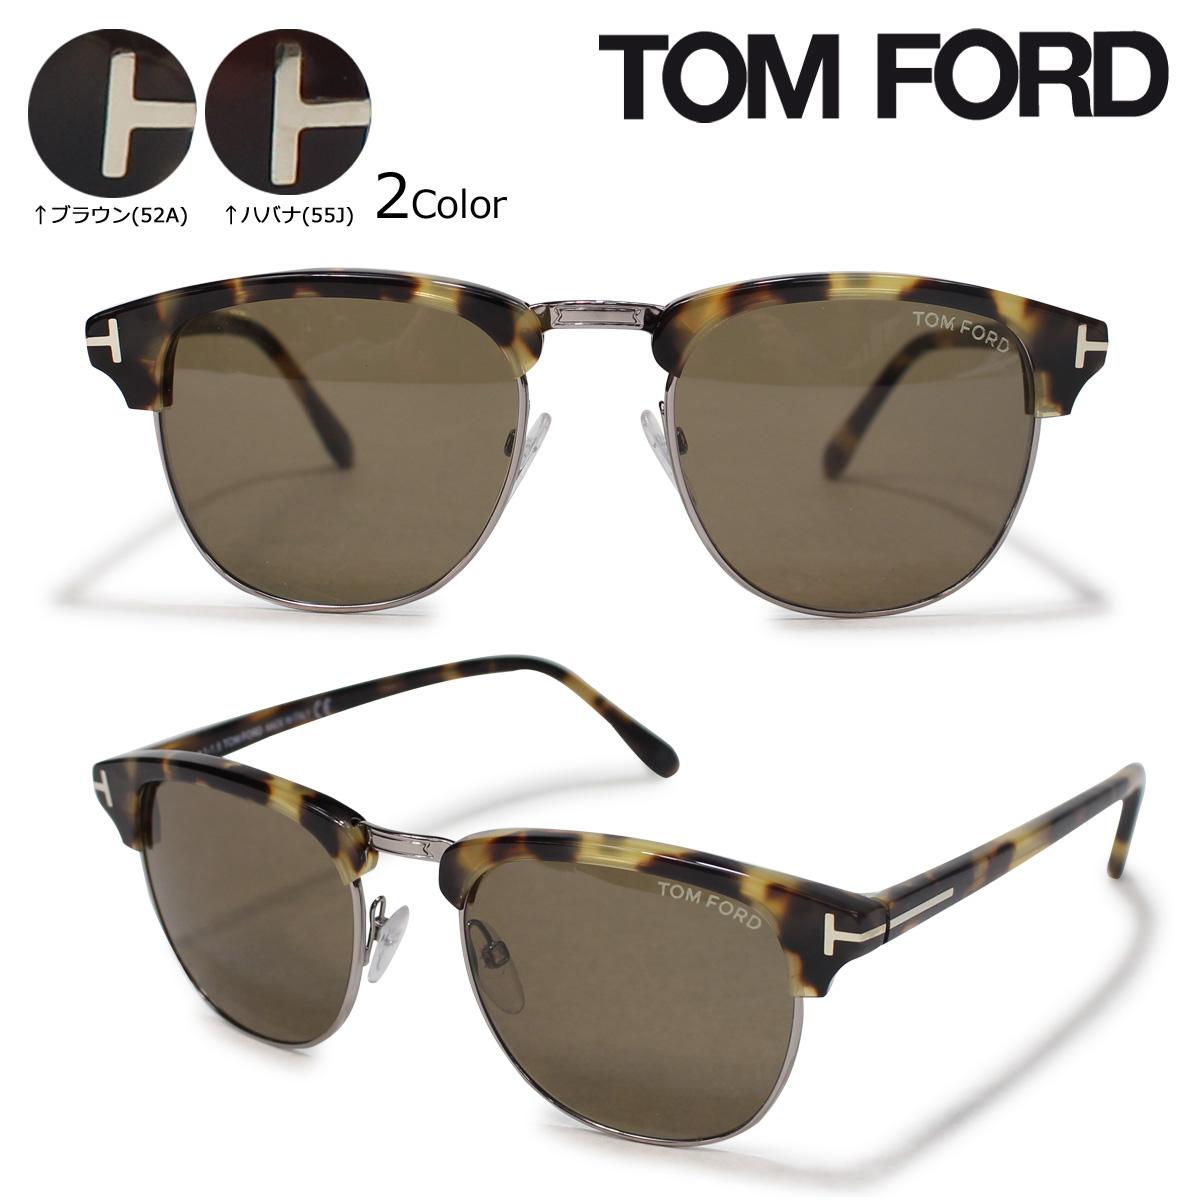 TOM FORD トムフォード サングラス メンズ レディース アイウェア FT0248 HENRY ウェリントン SUNGLASSES イタリア製